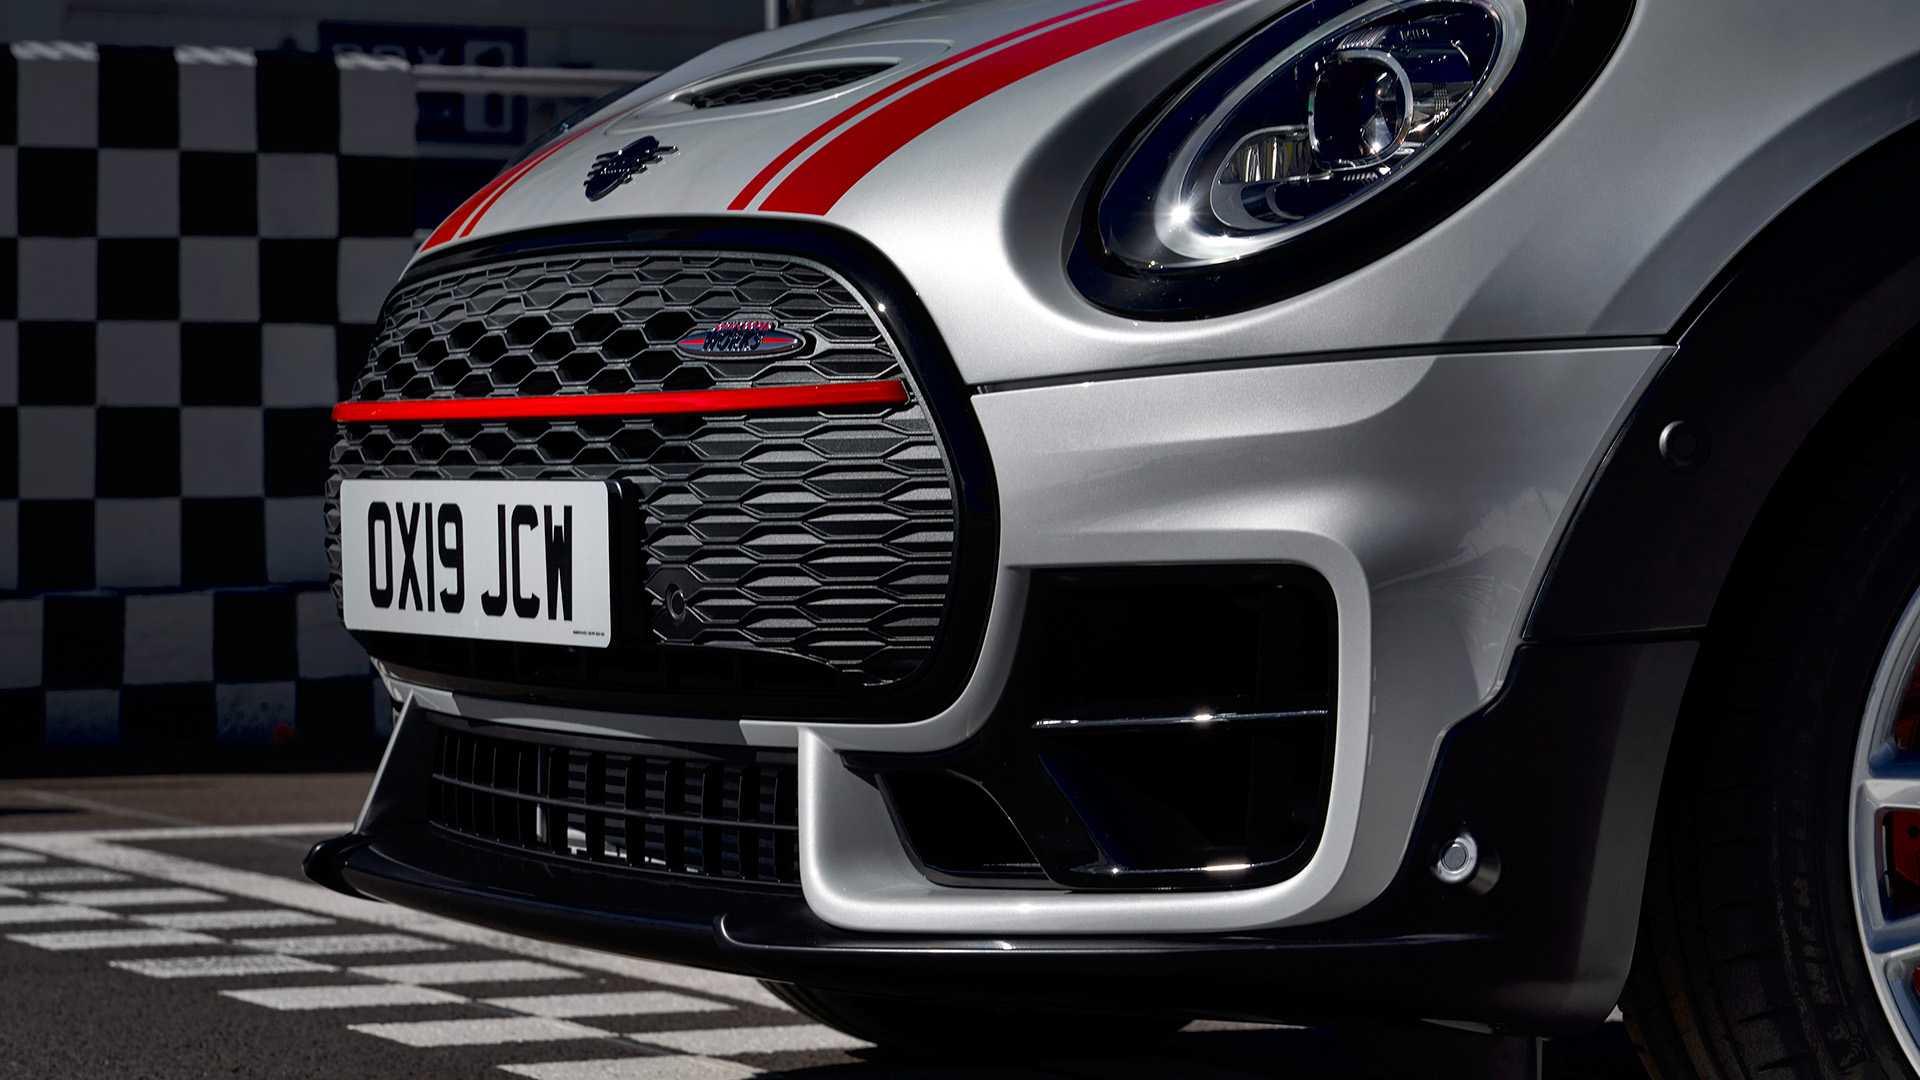 John Cooper Works Clubman và Countryman 2020 vừa xuất hiện, được tiết lộ thêm khá nhiều thông tin. Điểm nổi bật nhất của hai mẫu xe này chính là ở động cơ. - 38